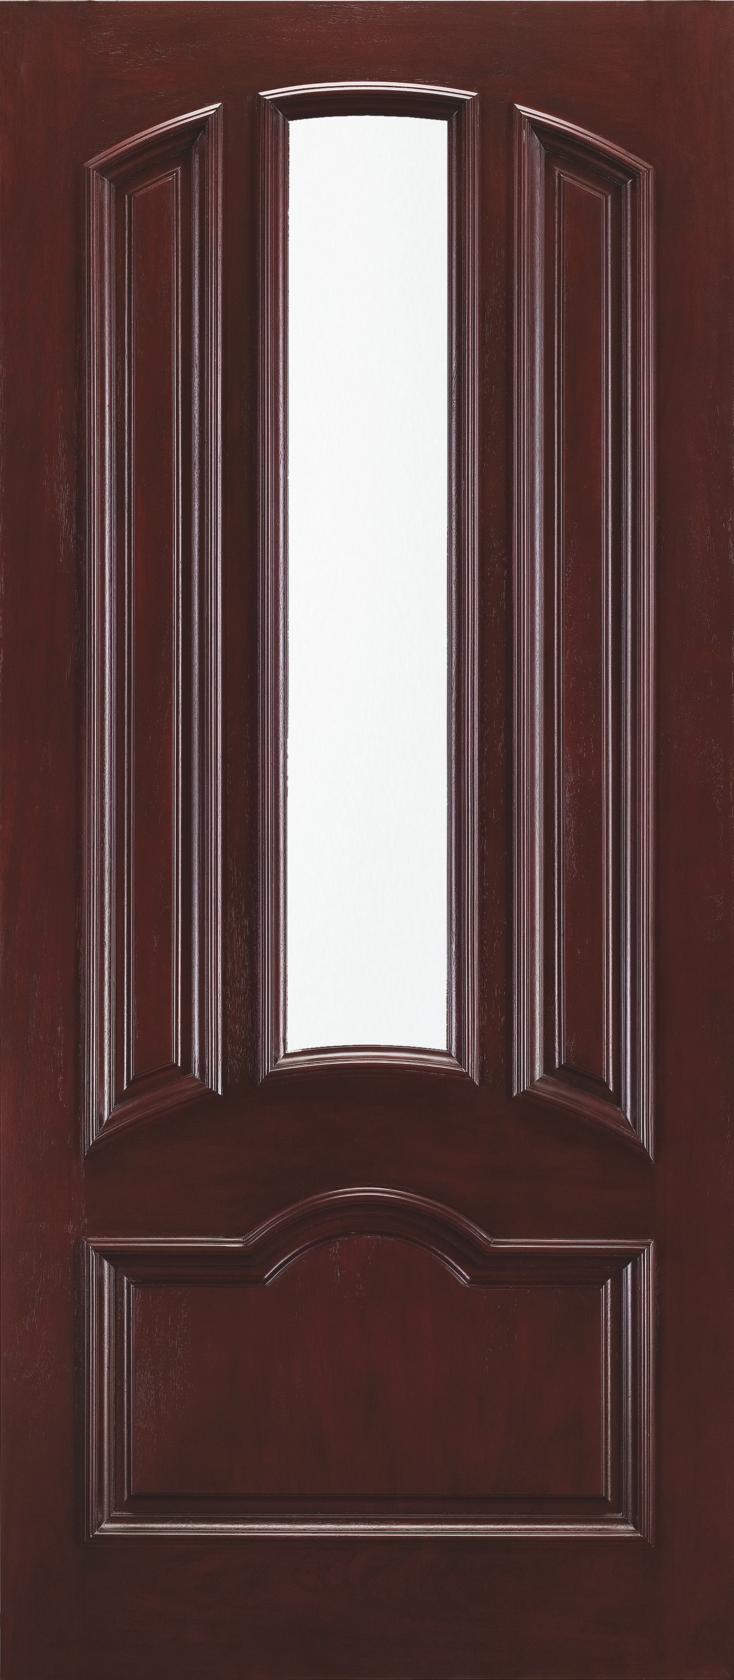 Aurora Custom Fiberglass Glass Panel Exterior Door Jeld Wen Windows Doors Exterior Door Styles